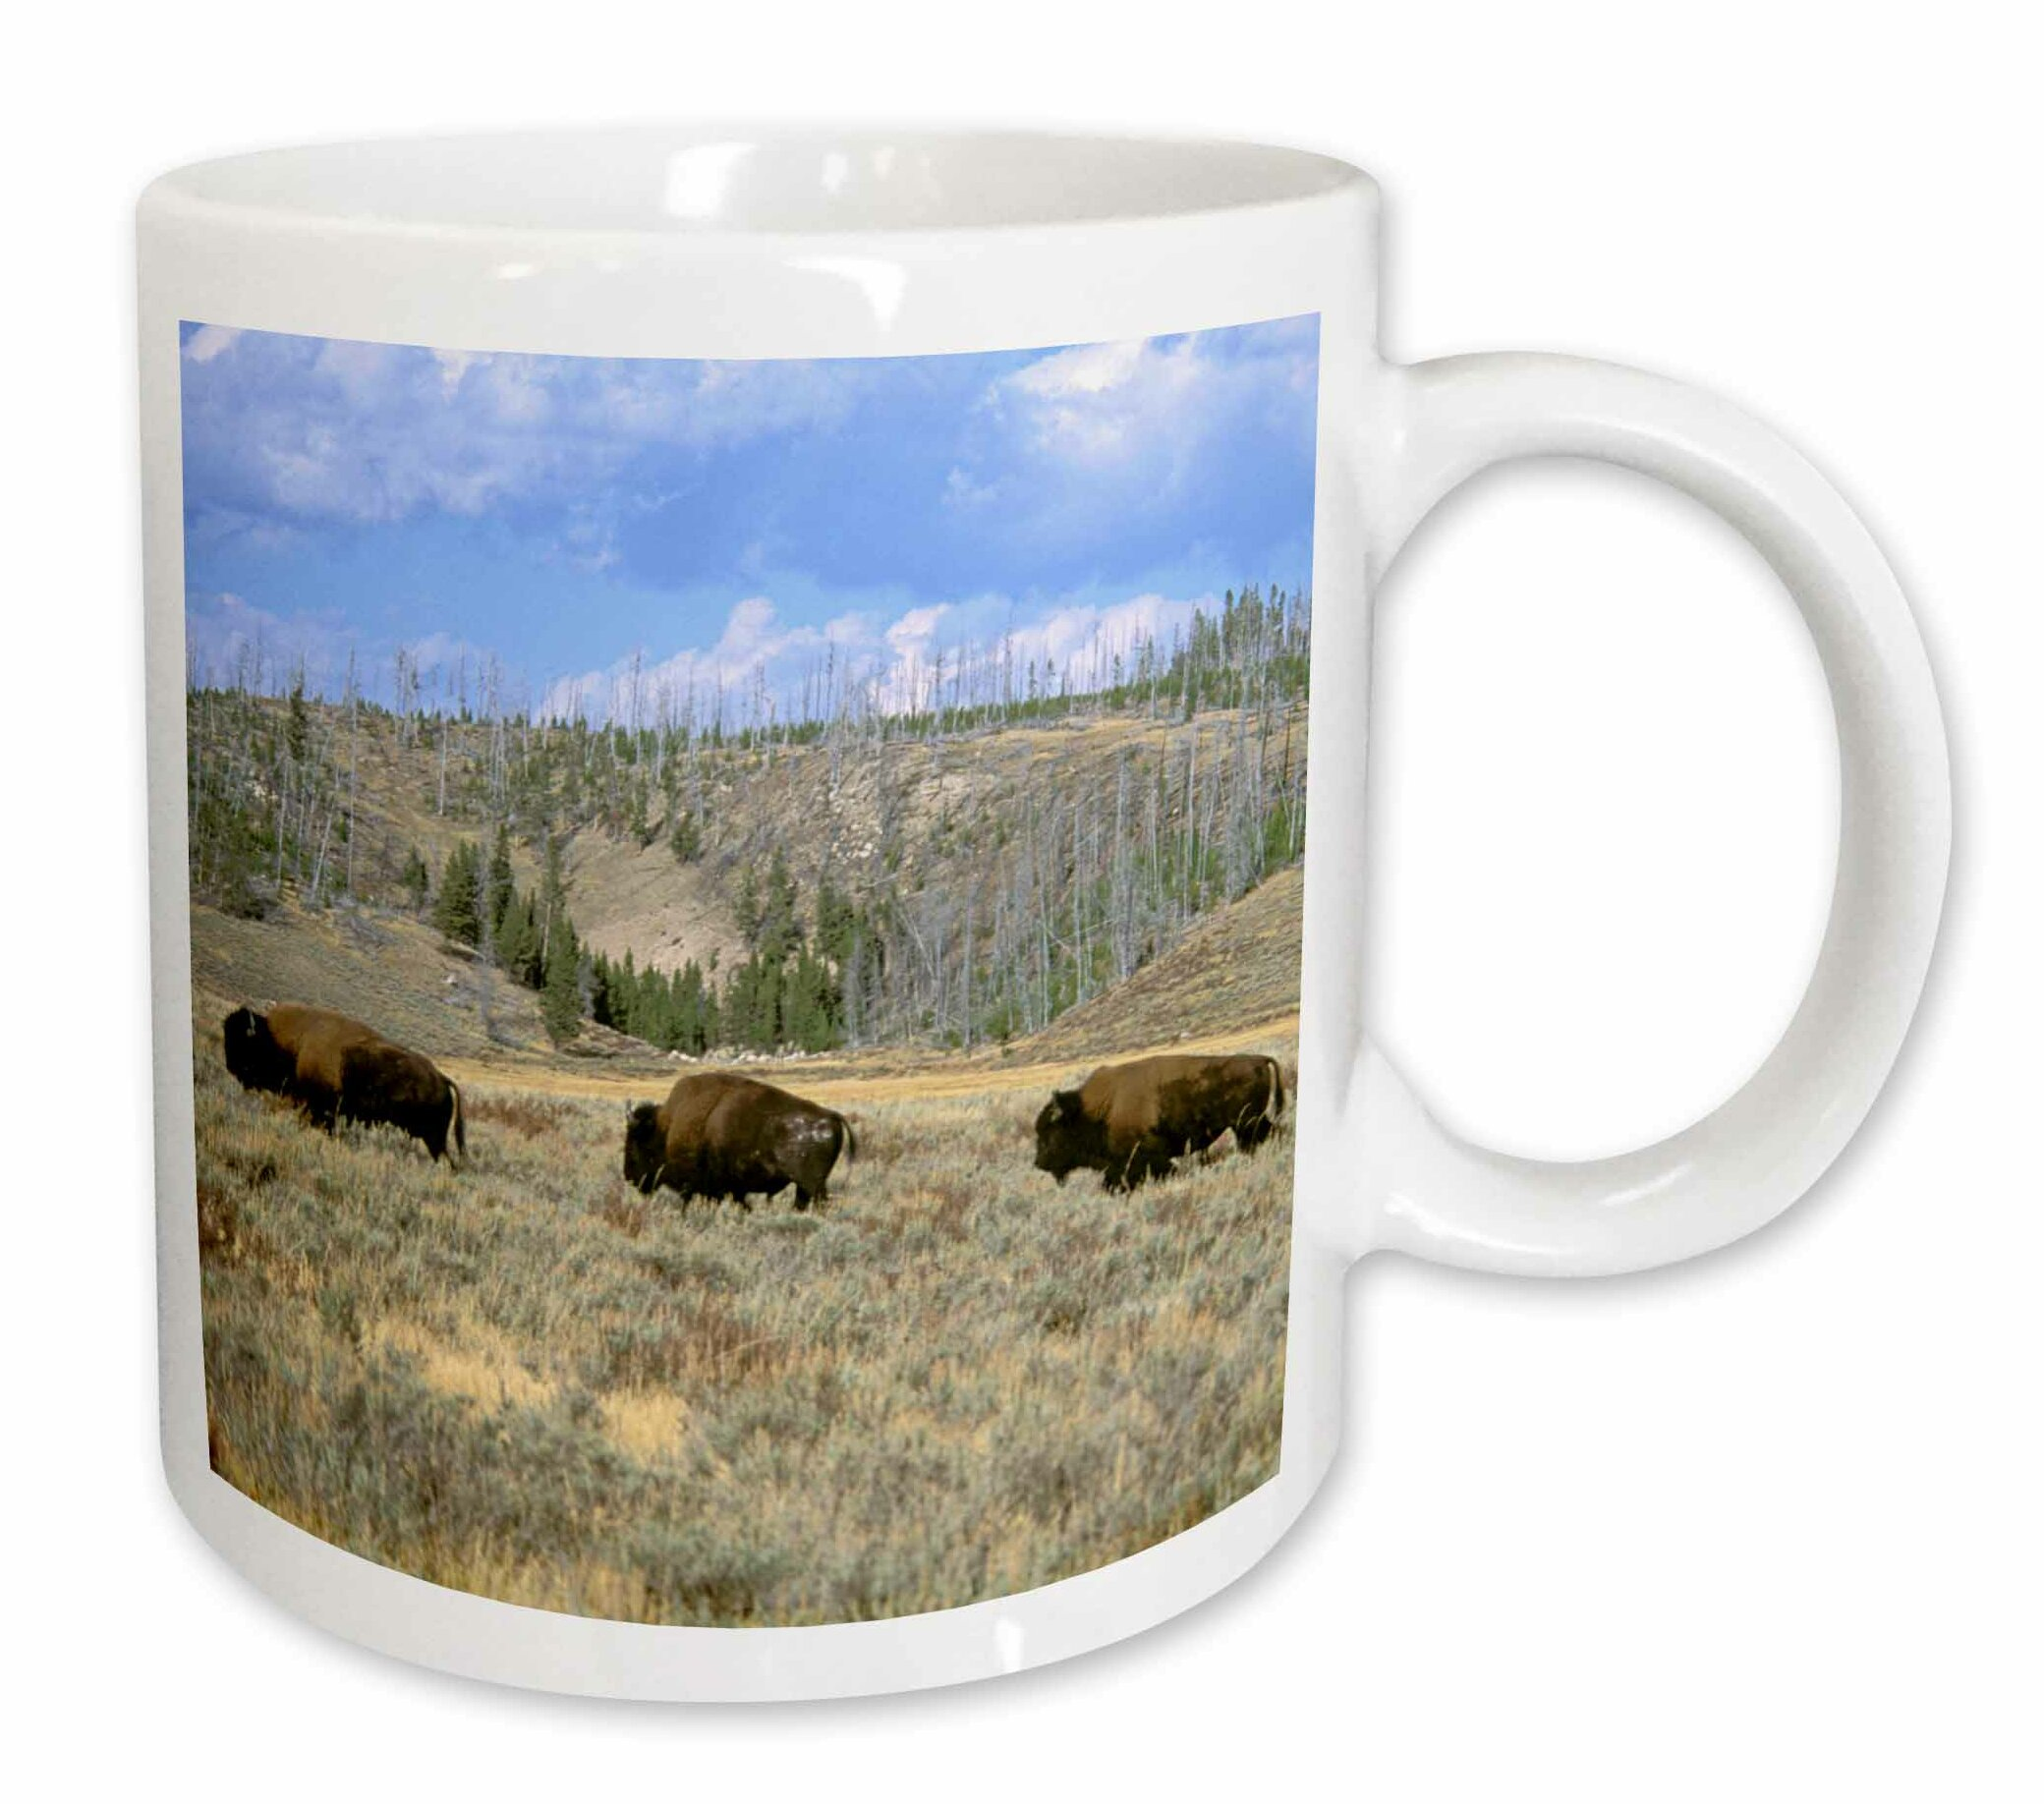 East Urban Home Usa Wyoming Stone Np Bison Tom Vezo Coffee Mug Wayfair